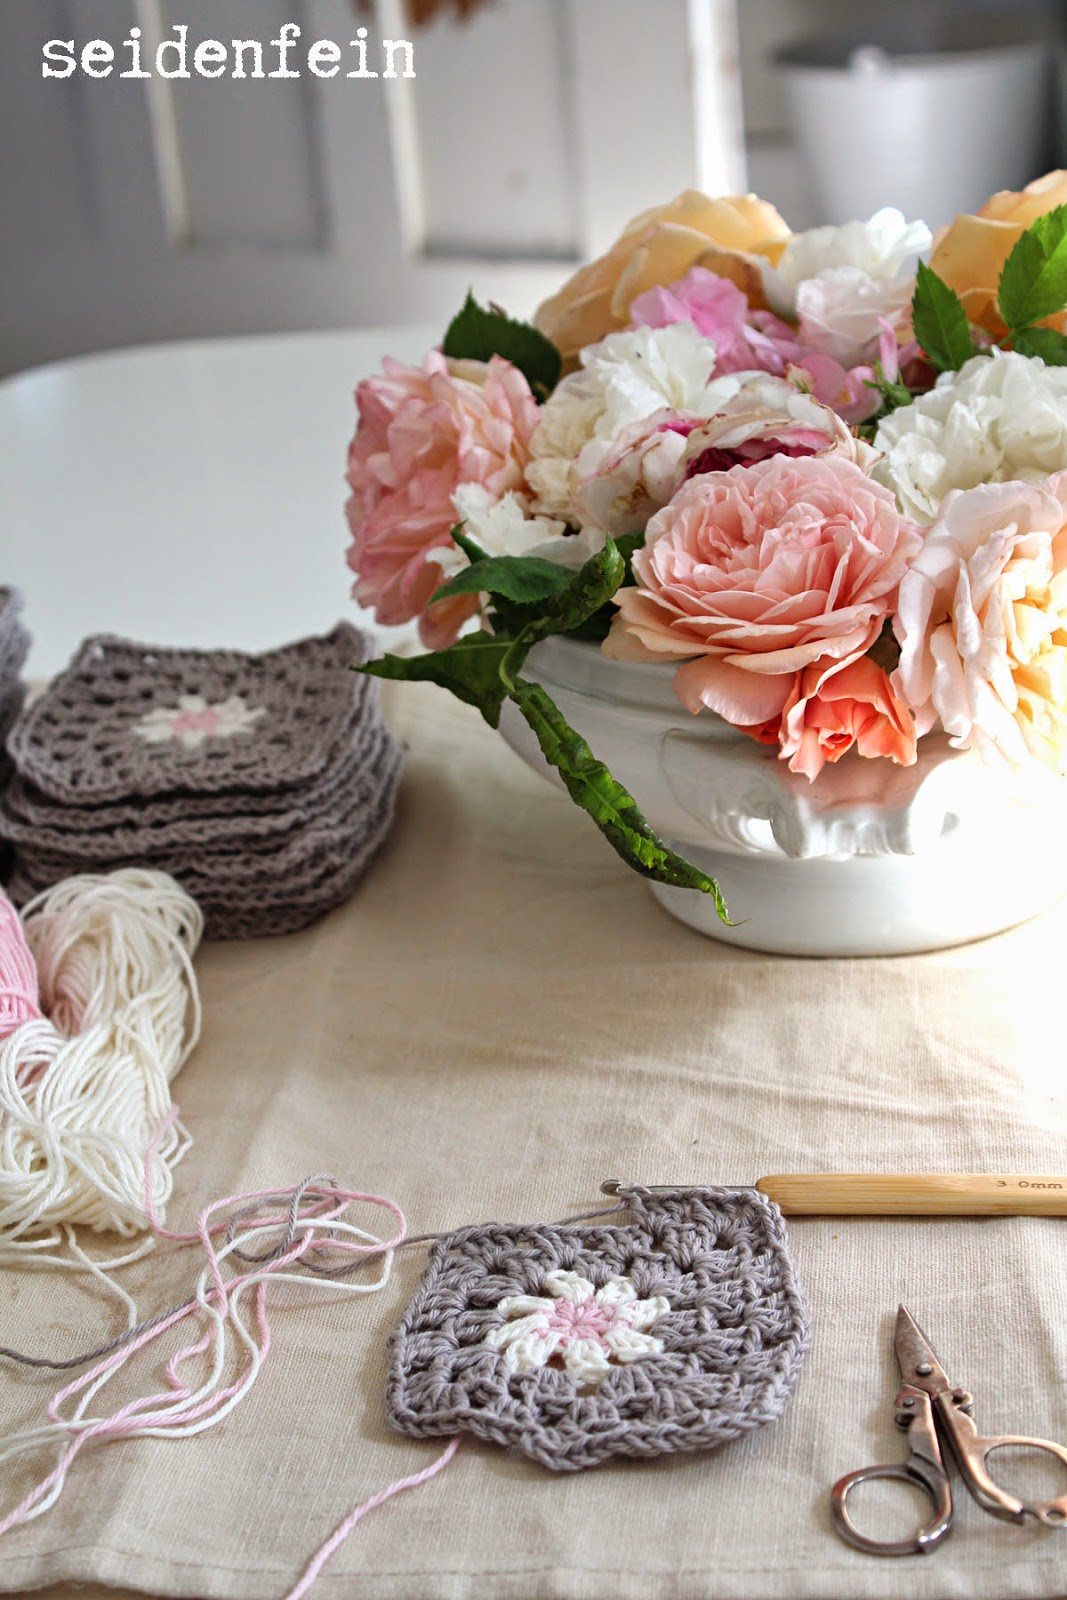 seidenfeins Blog vom schönen Landleben: Grannys taupe - rose